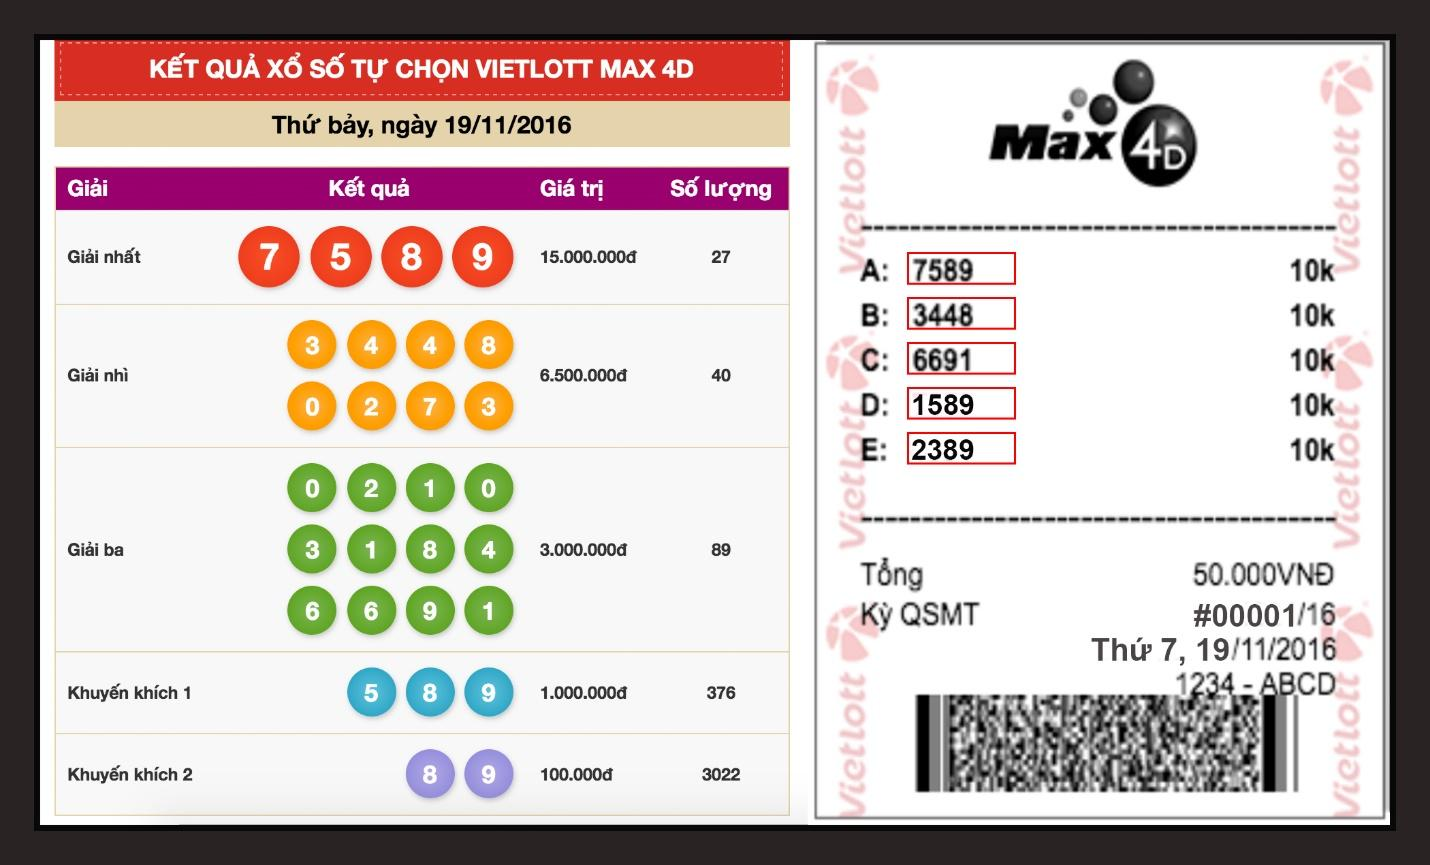 Mua vé Max 4D có hấp dẫn không?